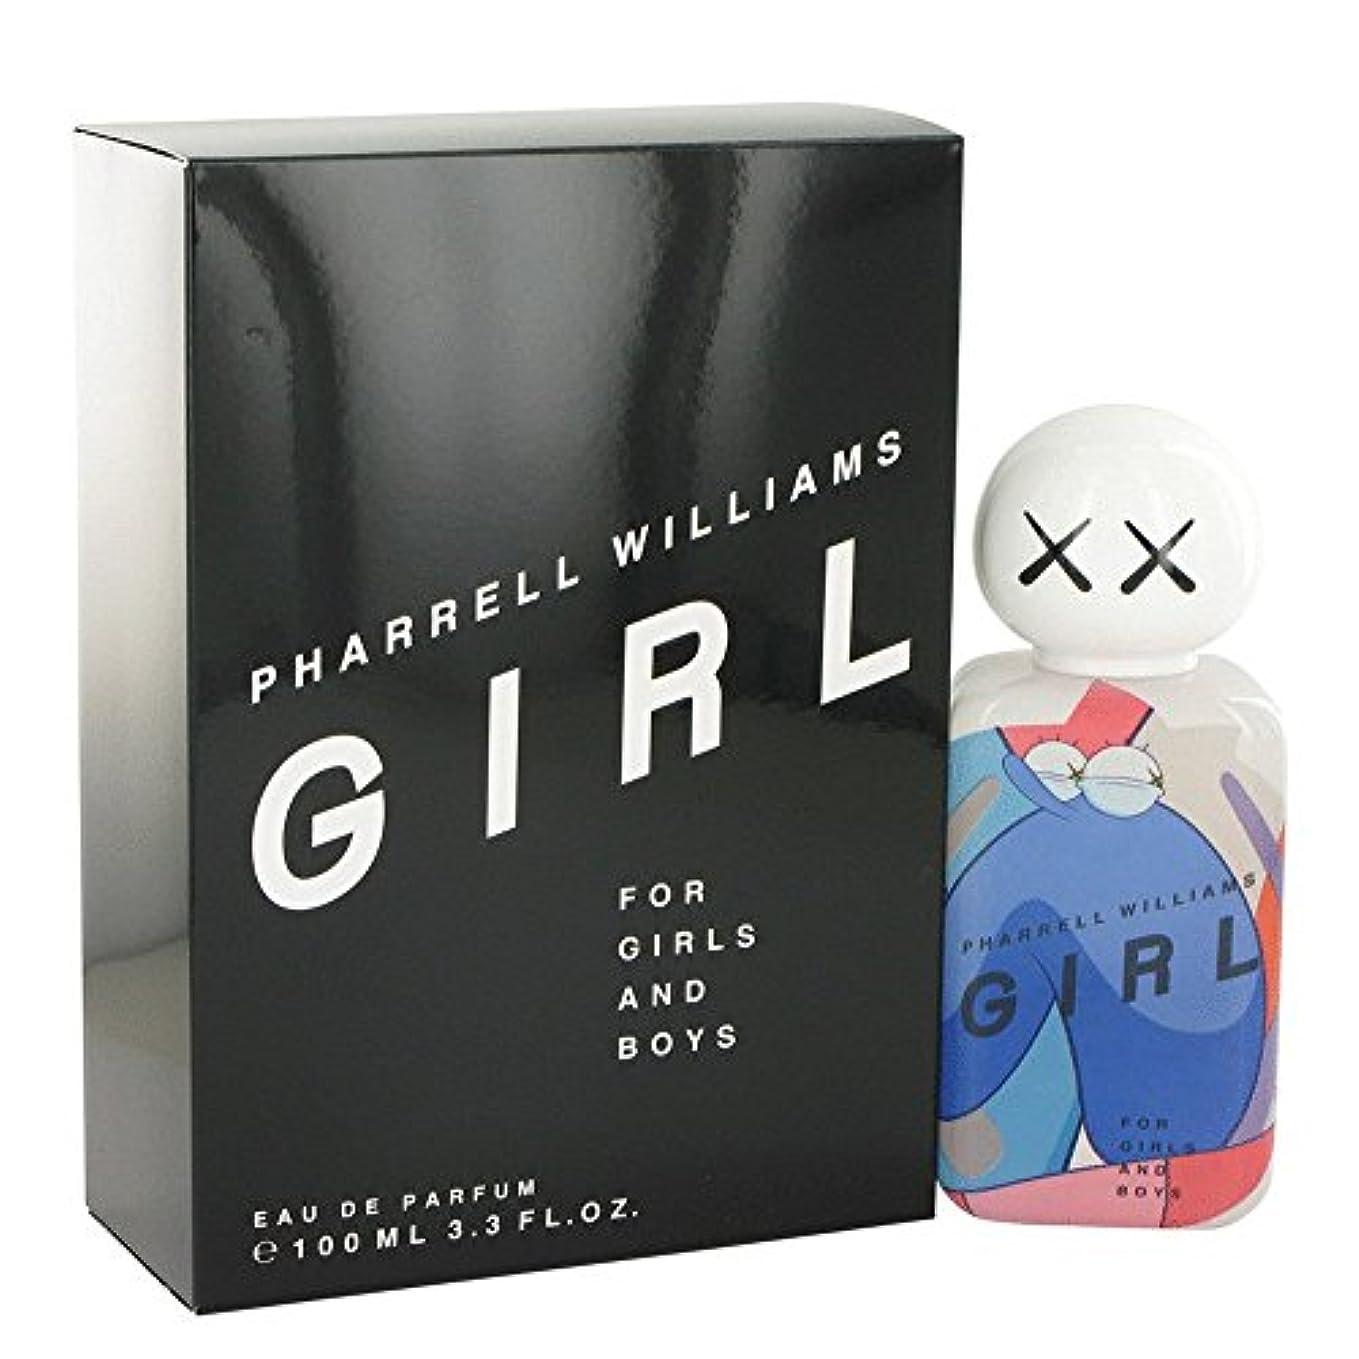 磁気計算するに勝る【コム デ ギャルソン パルファム】 ファレル ウィリアムス ガール GIRL by Pharrell Williams EDP SP 100ml [並行輸入品]